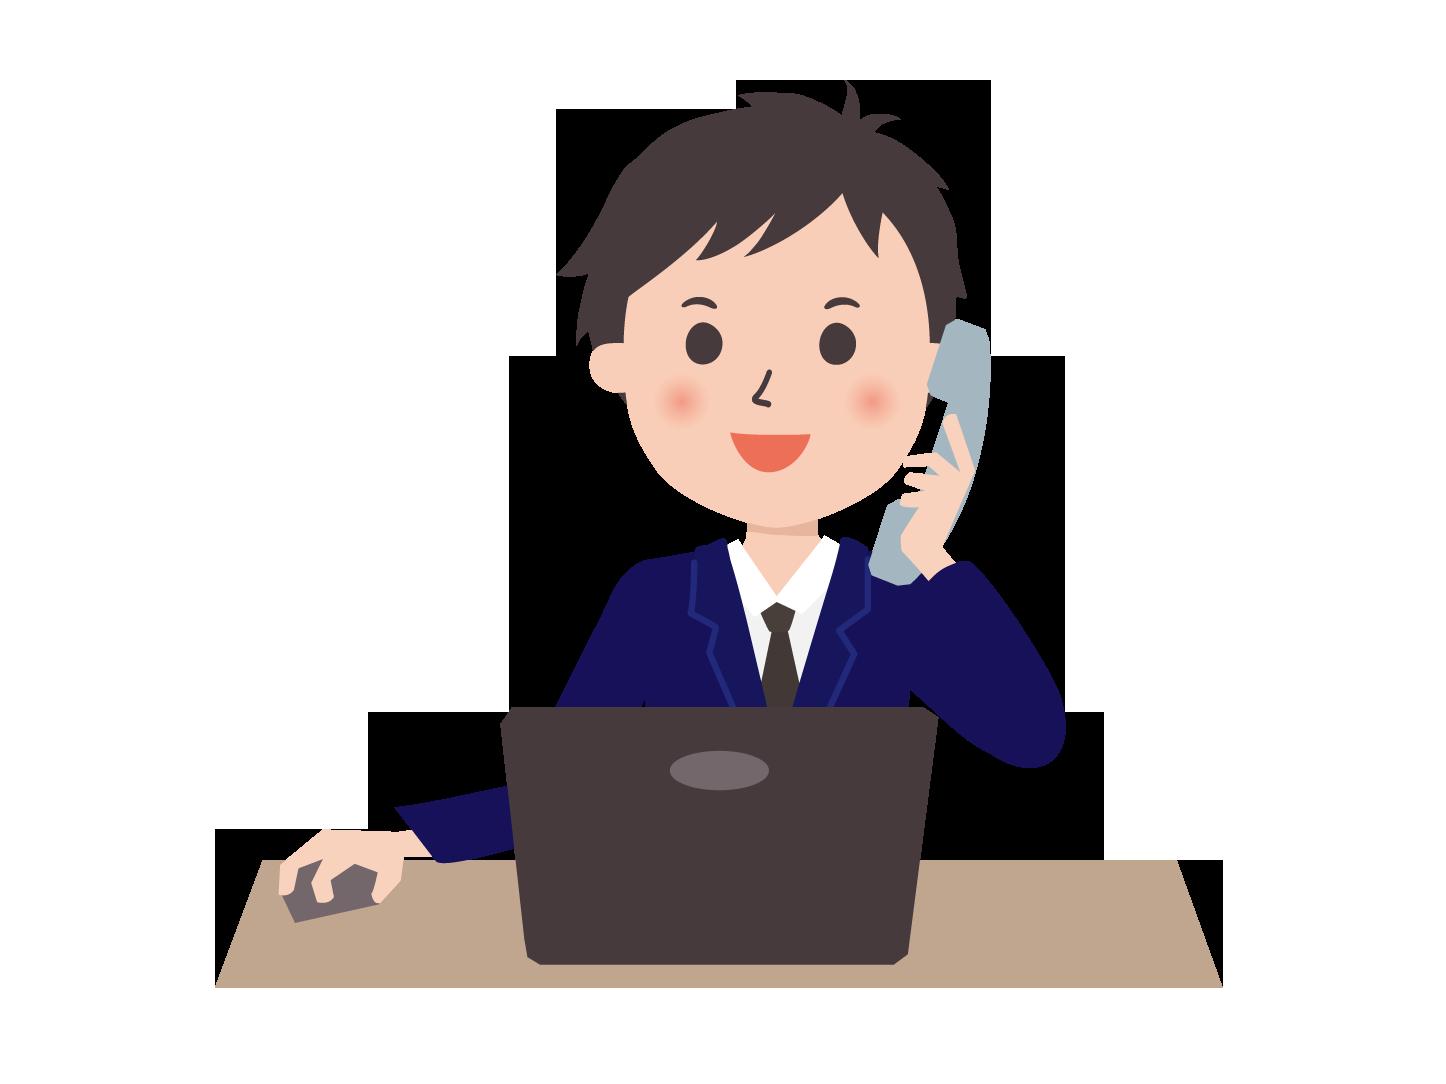 三井住友トラスト・ローン&ファイナンス㈱の不動産担保ローンについて電話で聞いてみた